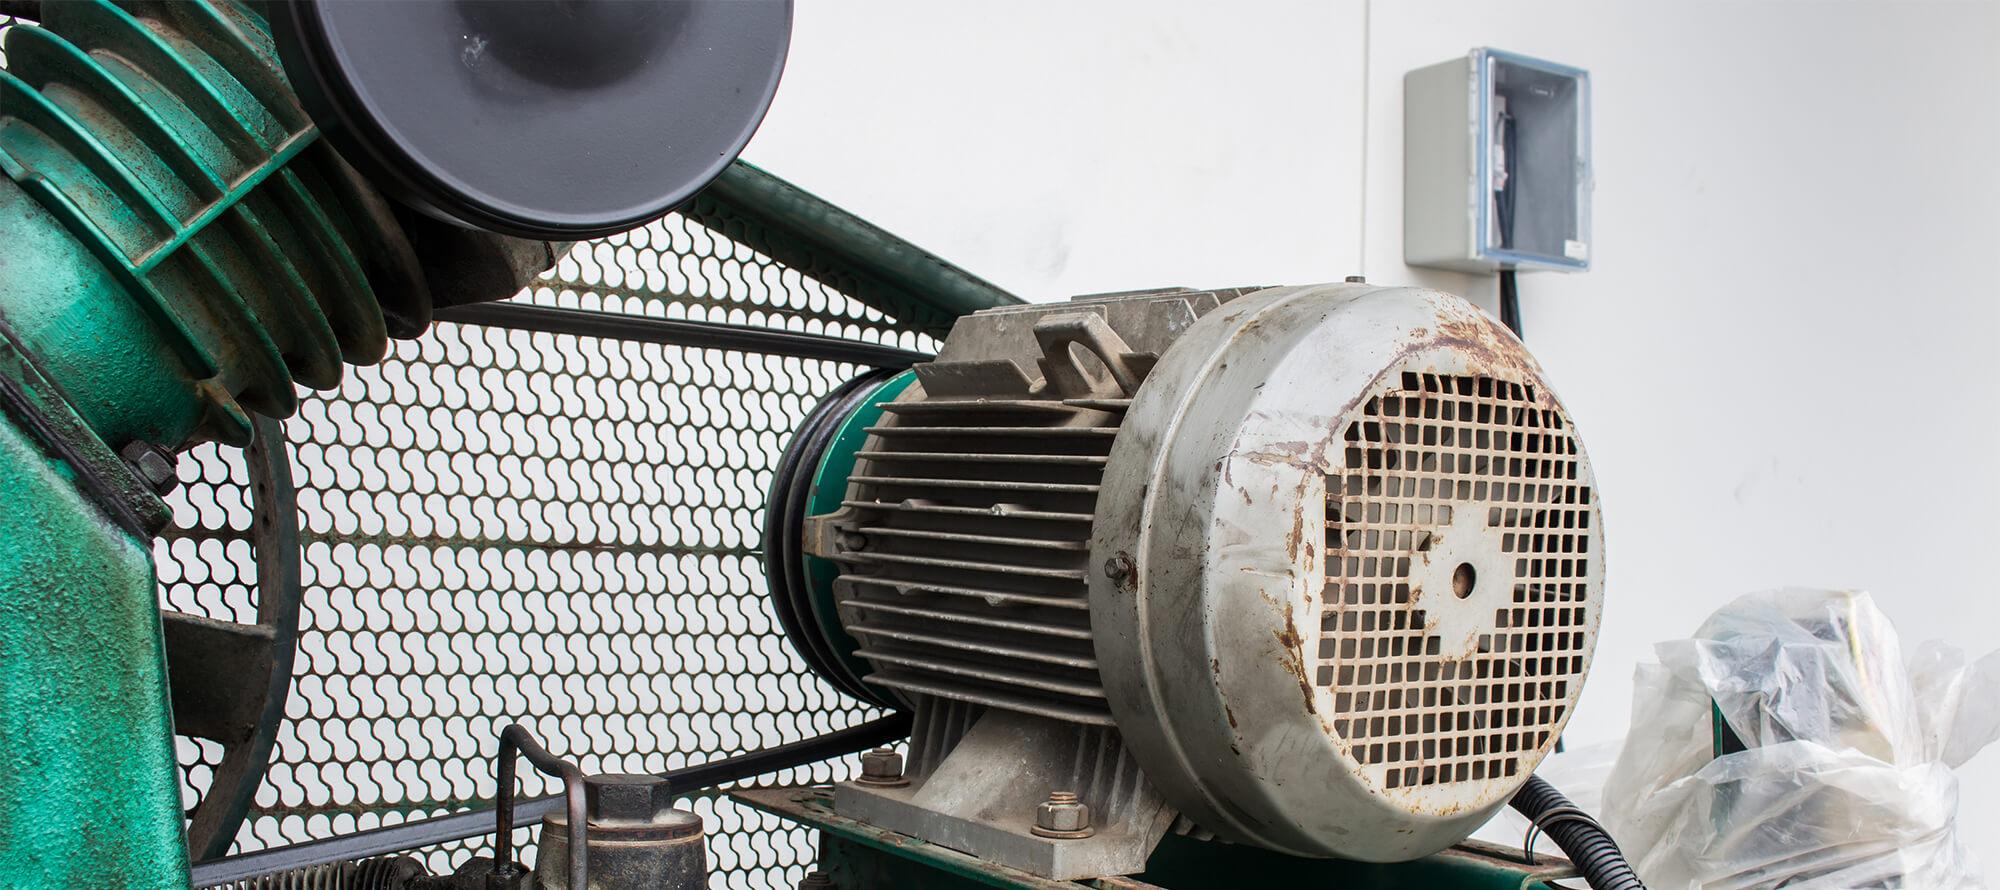 Electric motor repair toronto pool part pump repairs ac for Pool pump motors troubleshooting